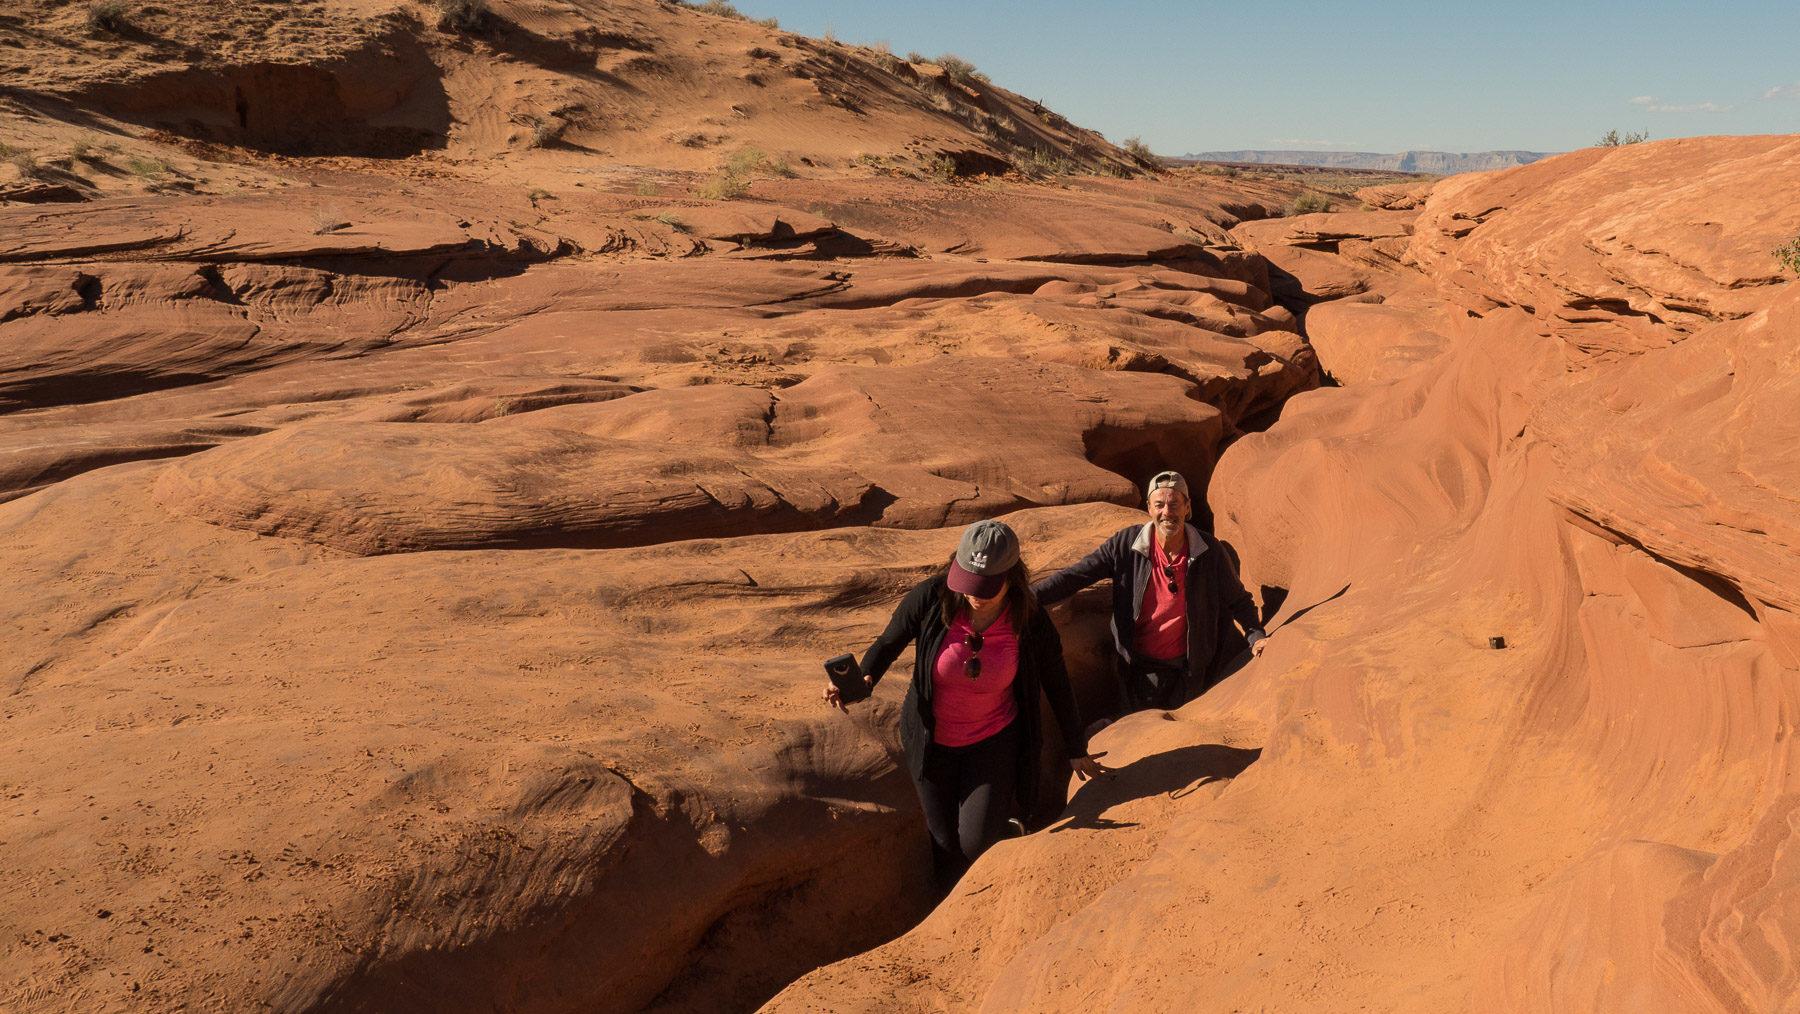 Ausstieg aus dem Slot Canyon – nur ein schmaler Spalt im Fels